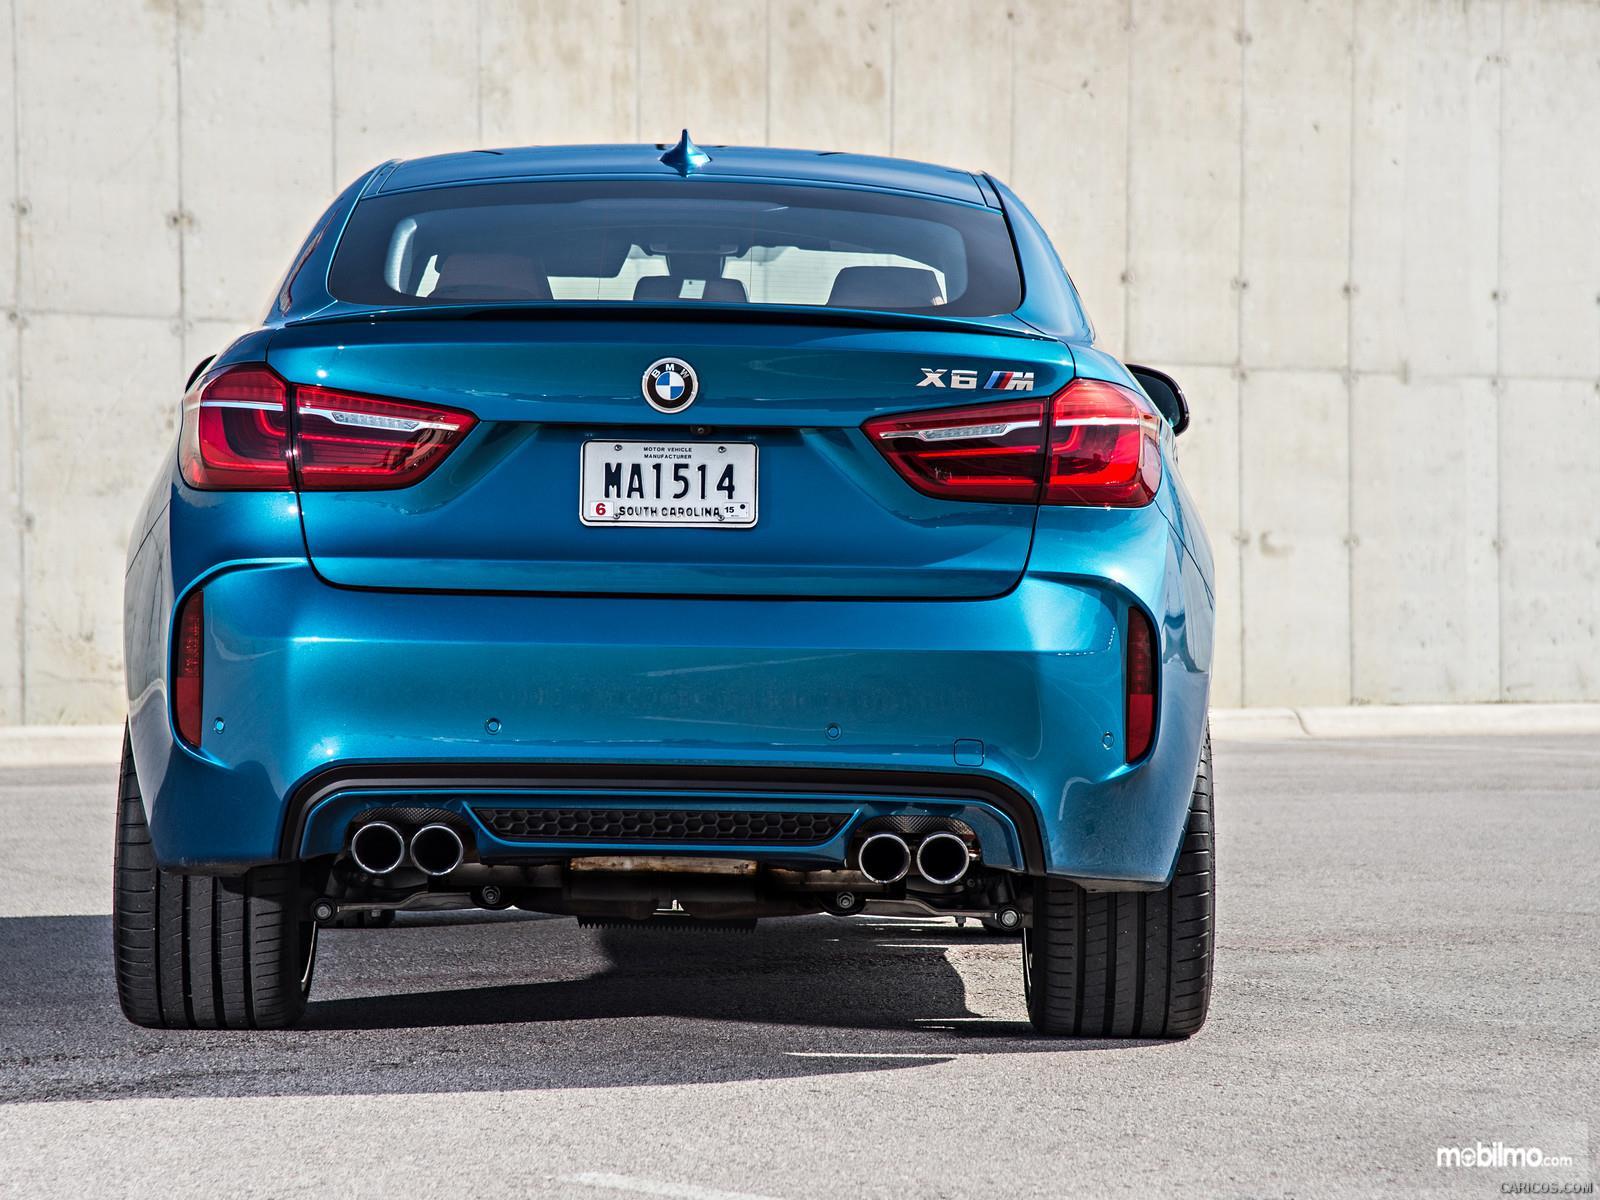 Foto BMW X6 M 2018 tampak dari belakang